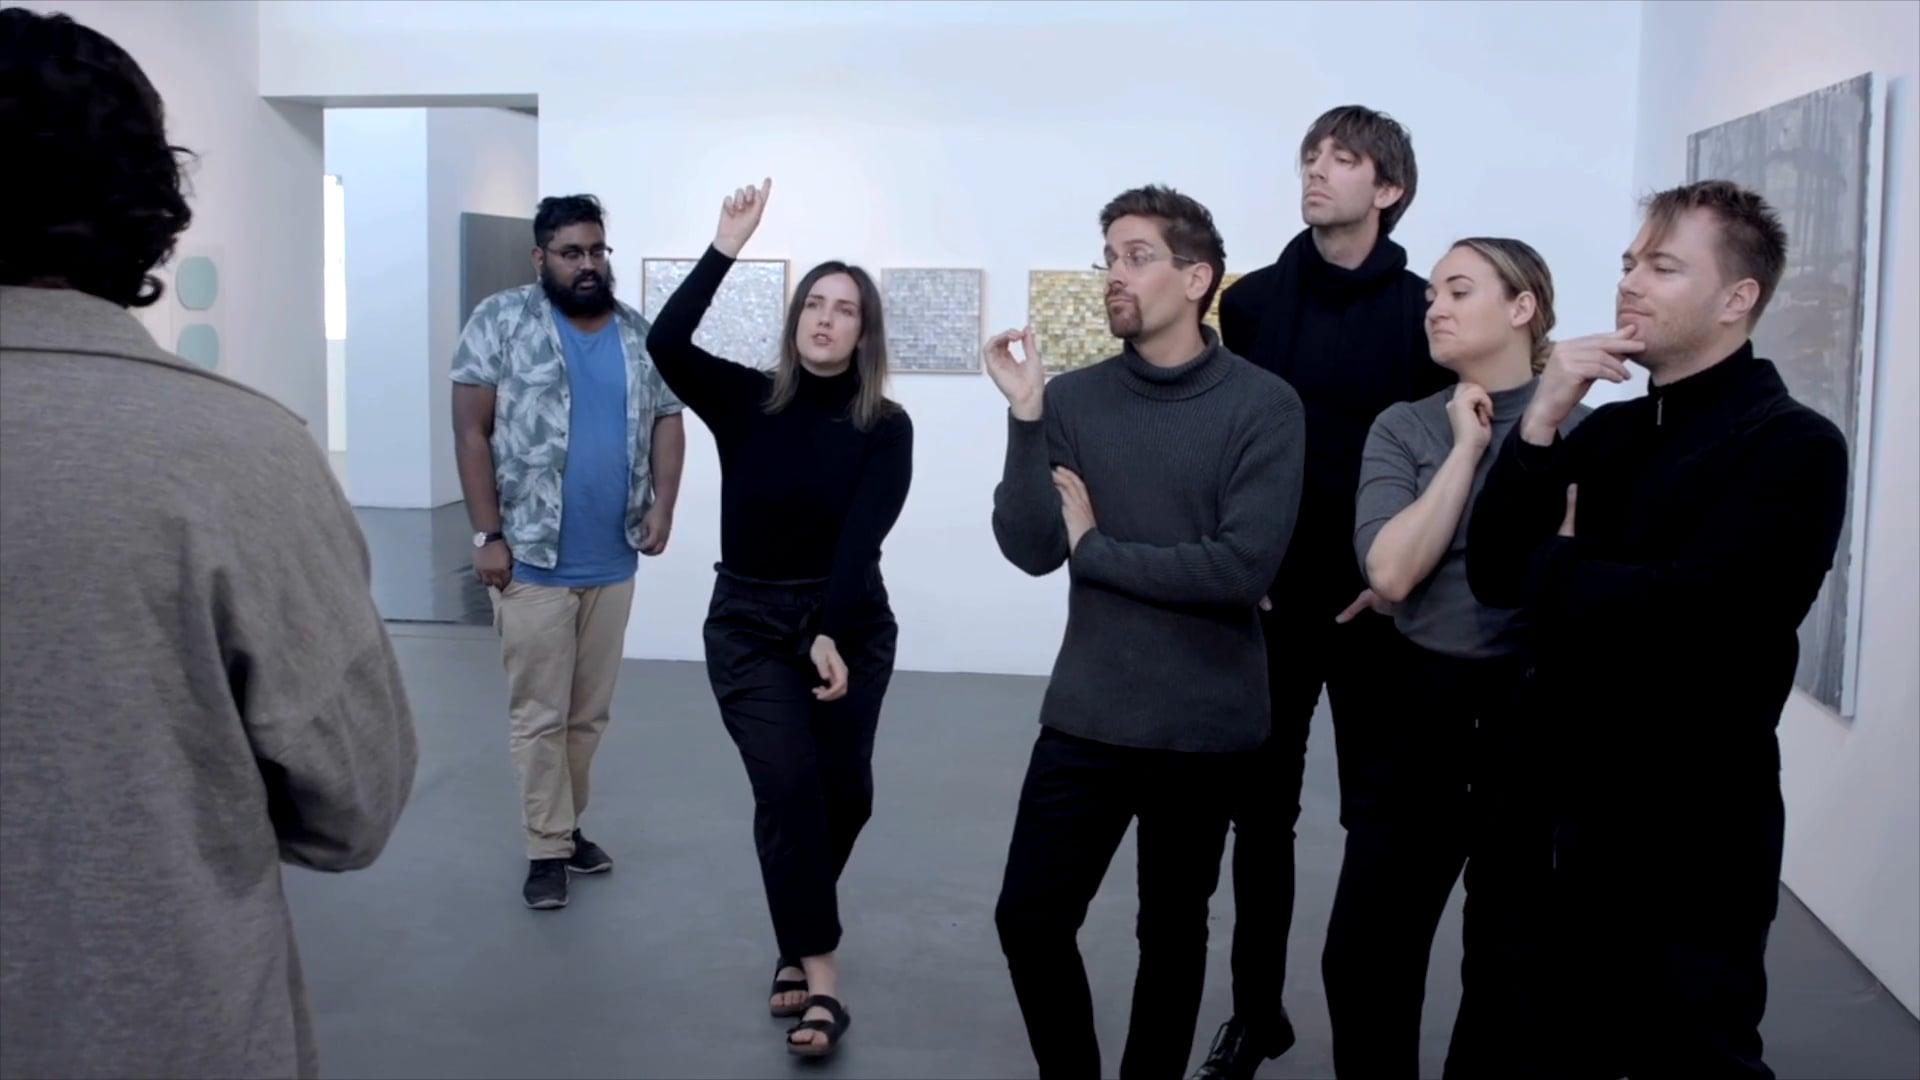 THE PELOTON // Modern Art